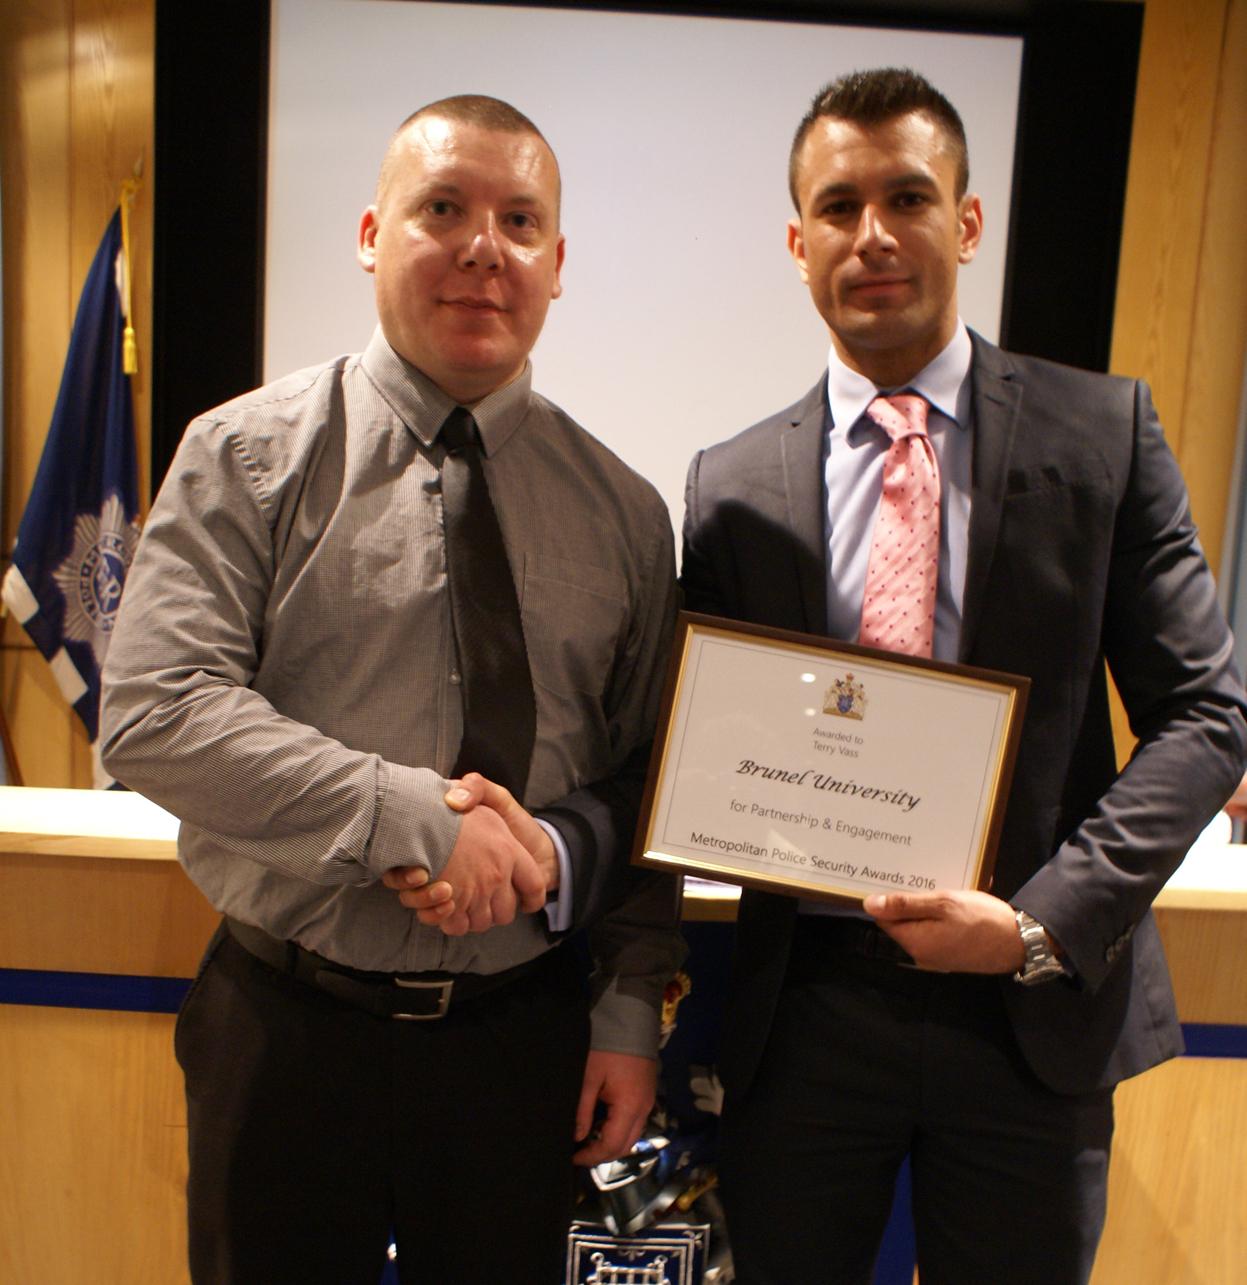 Risk UK Metropolitan Police Service hosts awards ceremony to